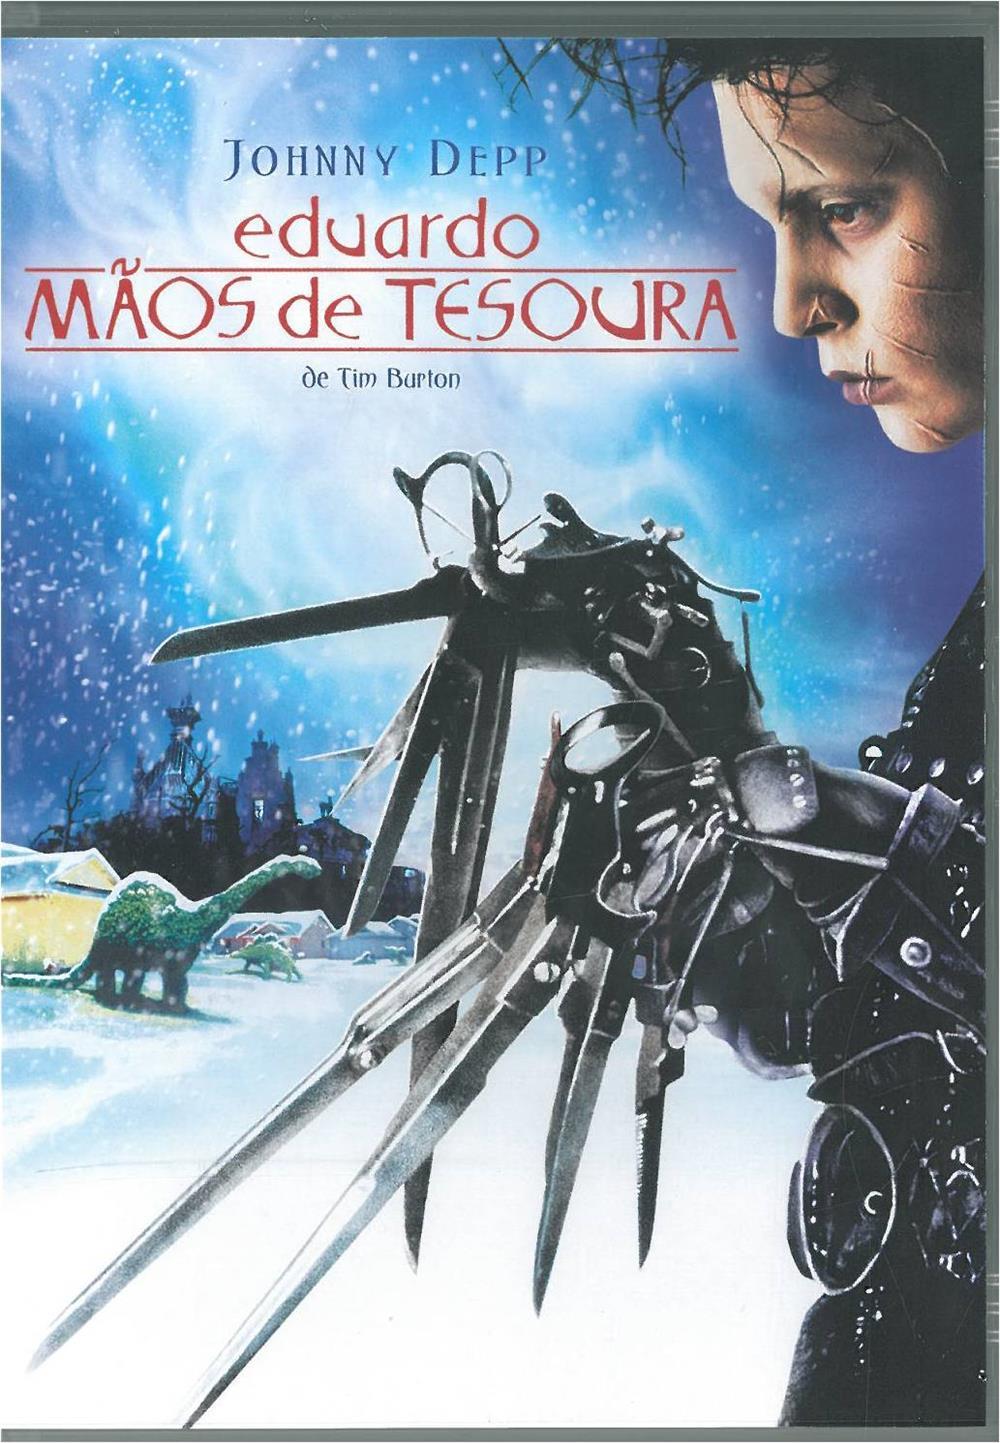 Eduardo mãos de tesoura_DVD.jpg